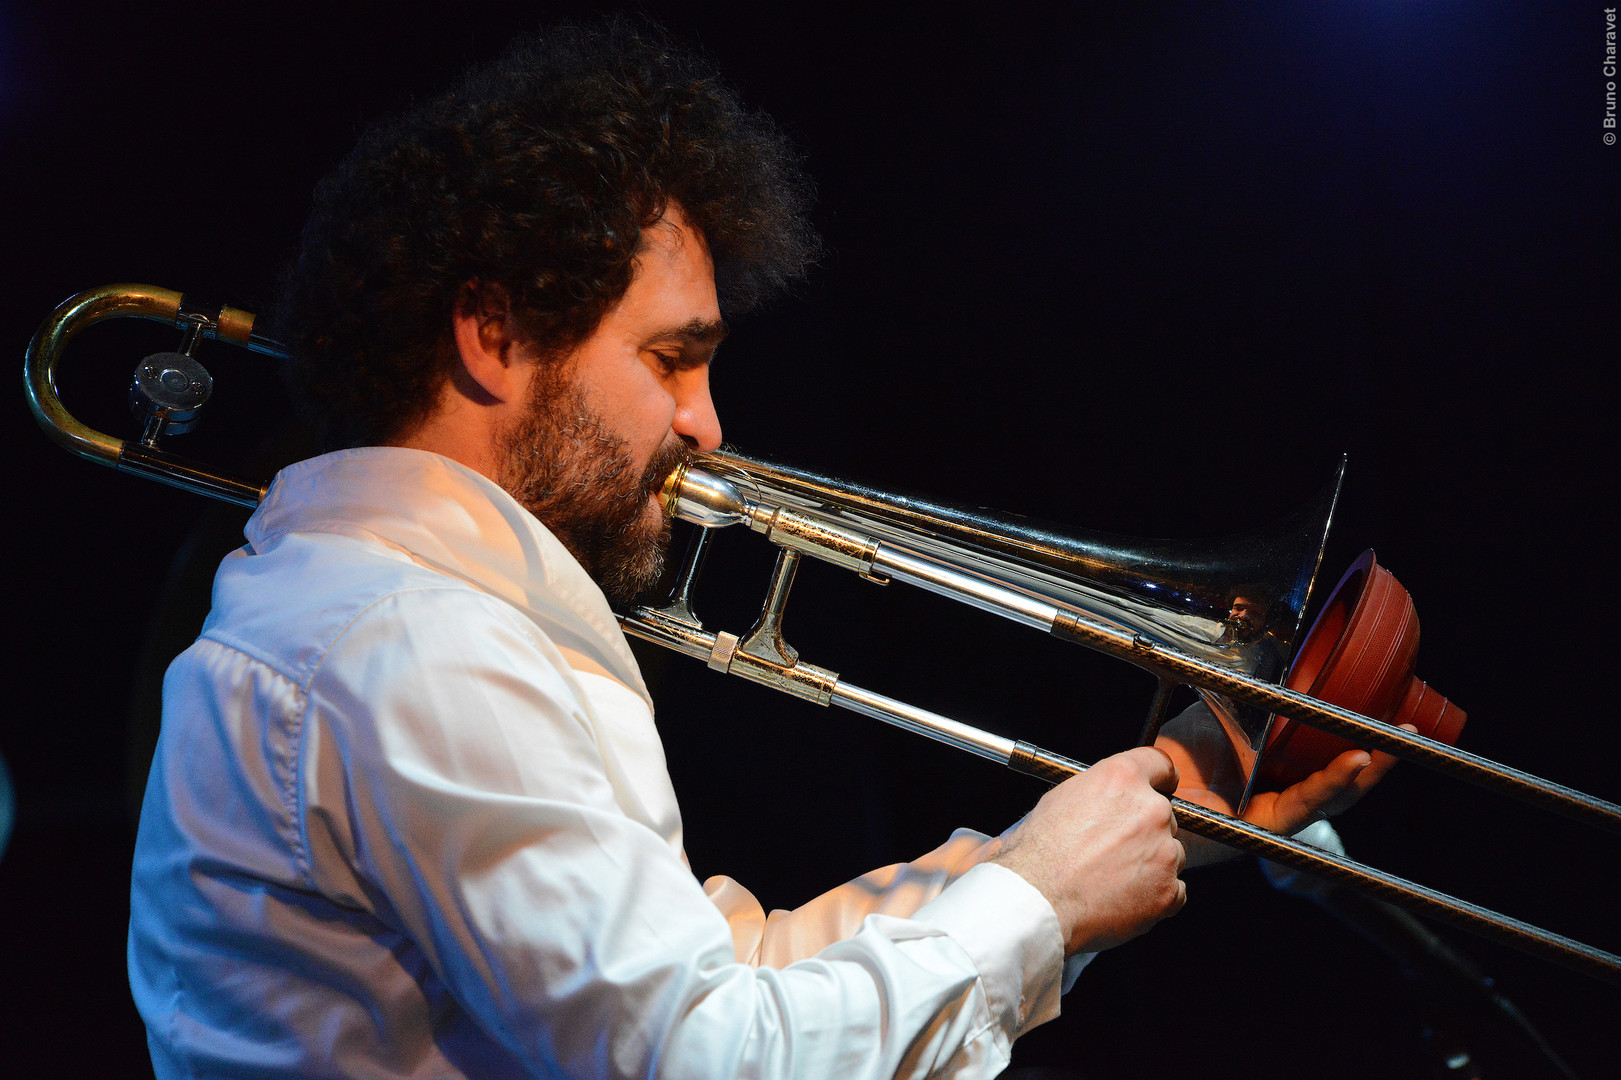 Sébastien Llado